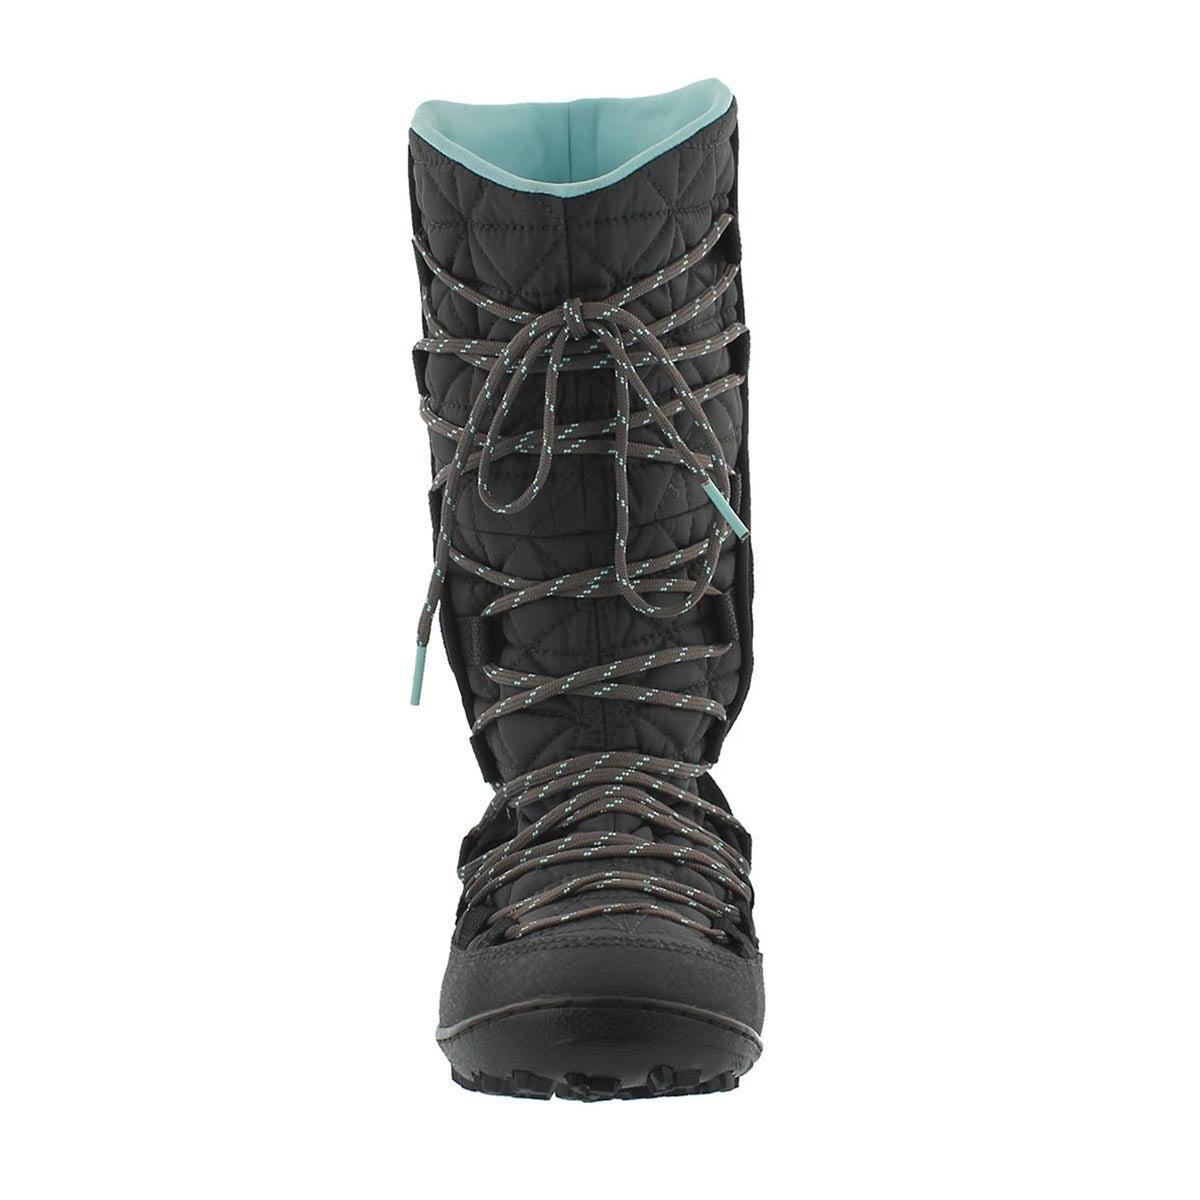 Grls Loveland OmniHeat black tall boot